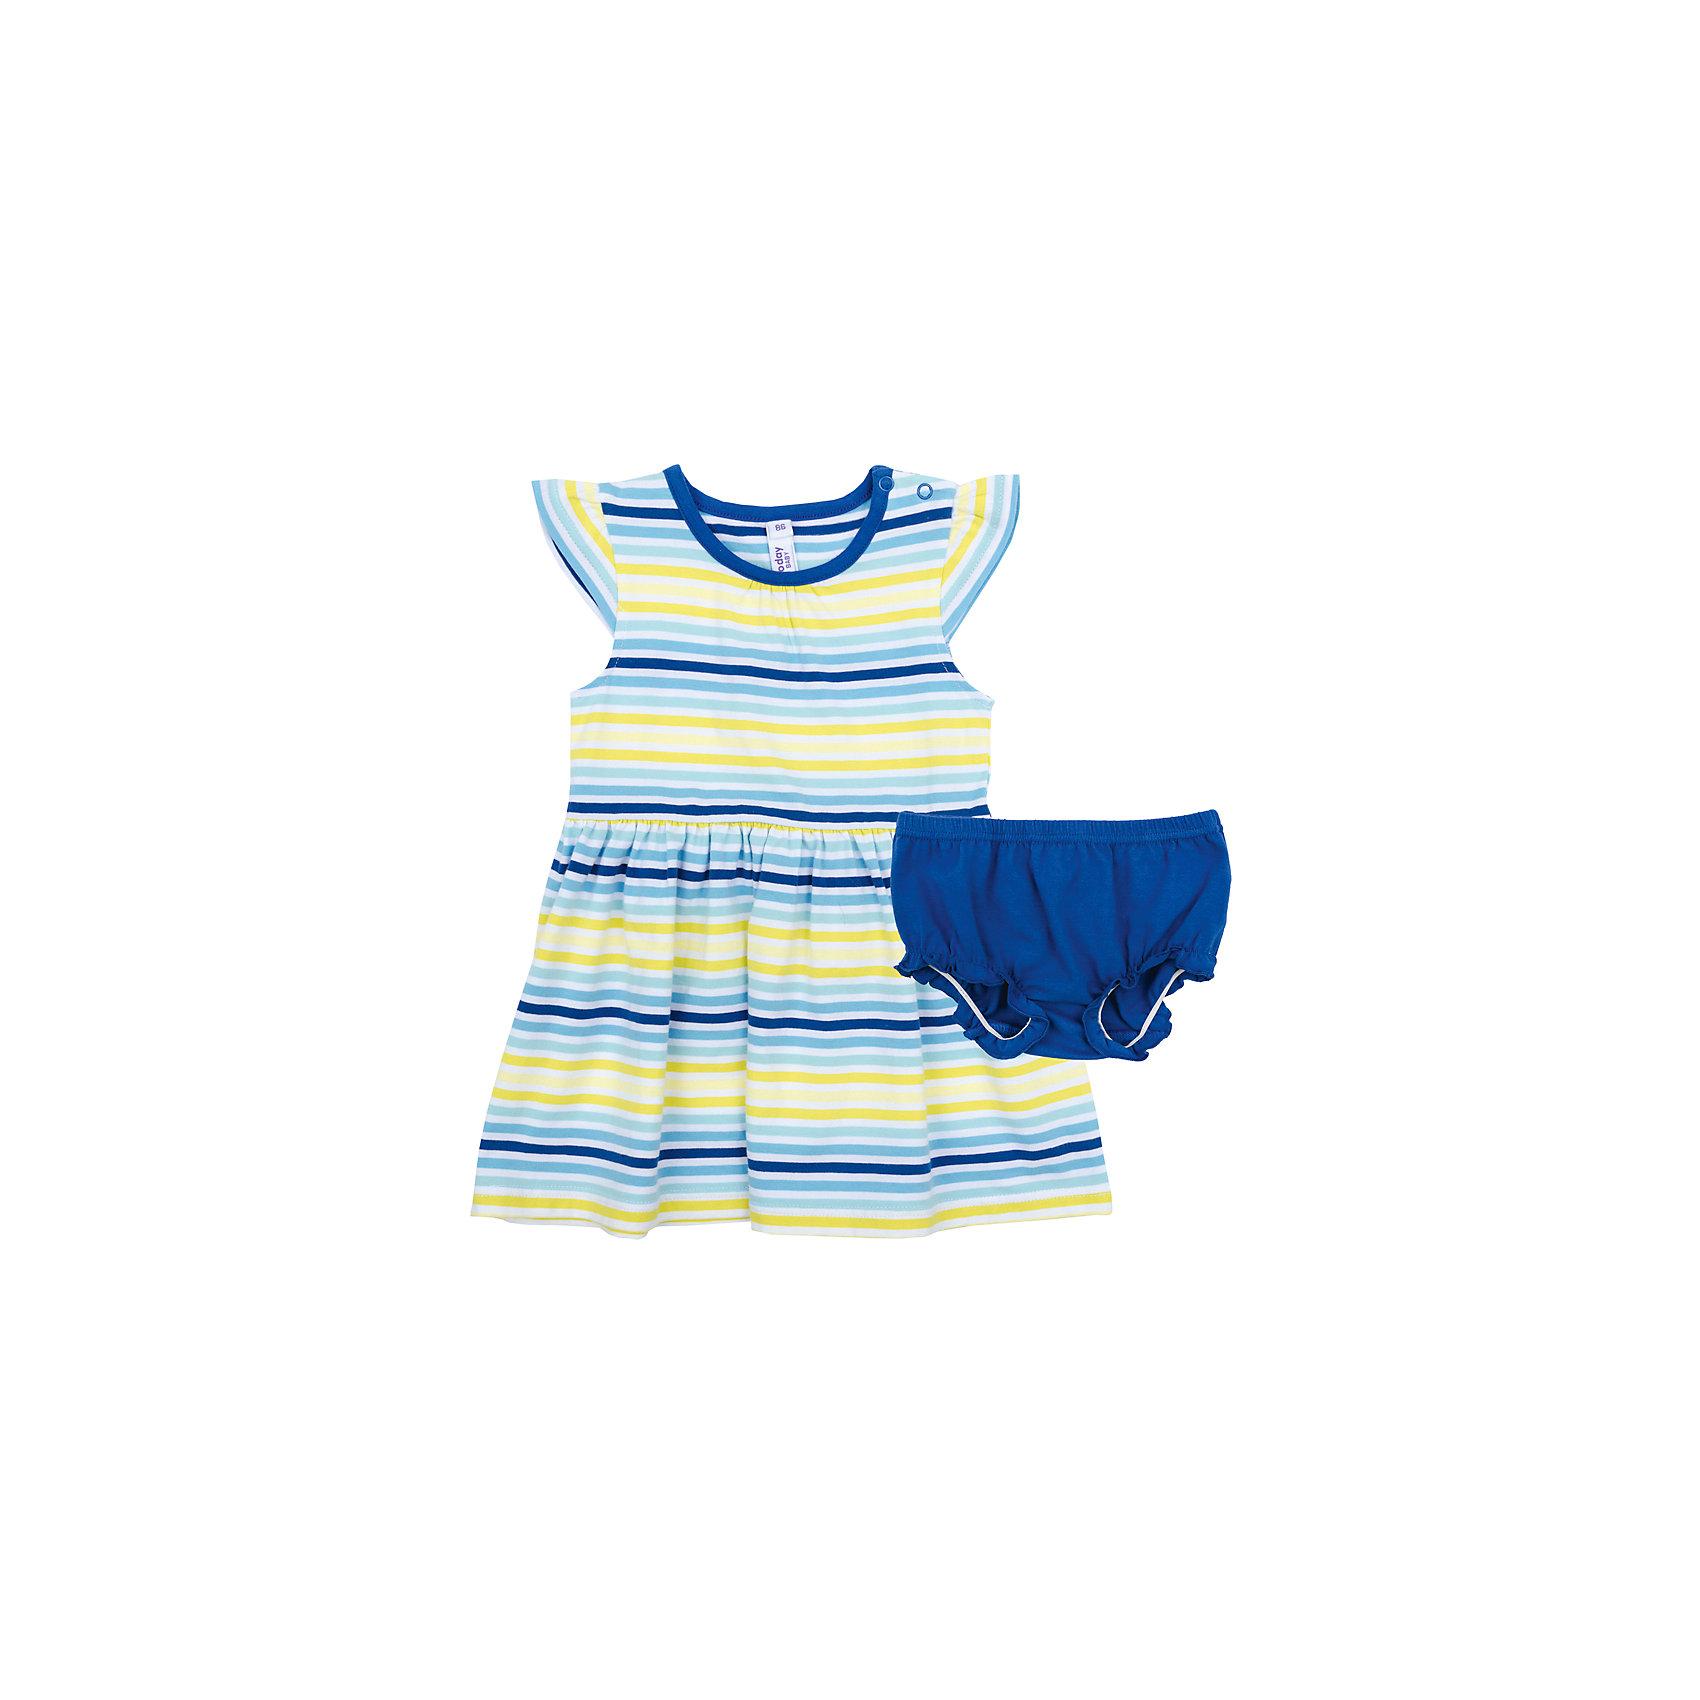 Комплект для девочки PlayTodayКомплекты<br>Характеристики товара:<br><br>• цвет: разноцветный<br>• состав: 95% хлопок, 5% эластан<br>• комплектация: платье, трусы<br>• дышащий материал<br>• рукава-крылышки<br>• кнопки на платье для удобства надевания<br>• пояс трусов - мягкая резинка<br>• комфортная посадка<br>• коллекция: весна-лето 2017<br>• страна бренда: Германия<br>• страна производства: Китай<br><br>Популярный бренд PlayToday выпустил новую коллекцию! Вещи из неё продолжают радовать покупателей удобством, стильным дизайном и продуманным кроем. Дети носят их с удовольствием. PlayToday - это линейка товаров, созданная специально для детей. Дизайнеры учитывают новые веяния моды и потребности детей. Порадуйте ребенка обновкой от проверенного производителя!<br>Эта модель обеспечит ребенку комфорт благодаря качественному материалу и удобному крою. Отличный вариант детской одежды - она не трет и давит, не ограничивает свободу движений! Выглядит стильно и аккуратно.<br><br>Комплект для девочки от известного бренда PlayToday можно купить в нашем интернет-магазине.<br><br>Ширина мм: 236<br>Глубина мм: 16<br>Высота мм: 184<br>Вес г: 177<br>Цвет: белый<br>Возраст от месяцев: 18<br>Возраст до месяцев: 24<br>Пол: Женский<br>Возраст: Детский<br>Размер: 92,74,80,86<br>SKU: 5408358